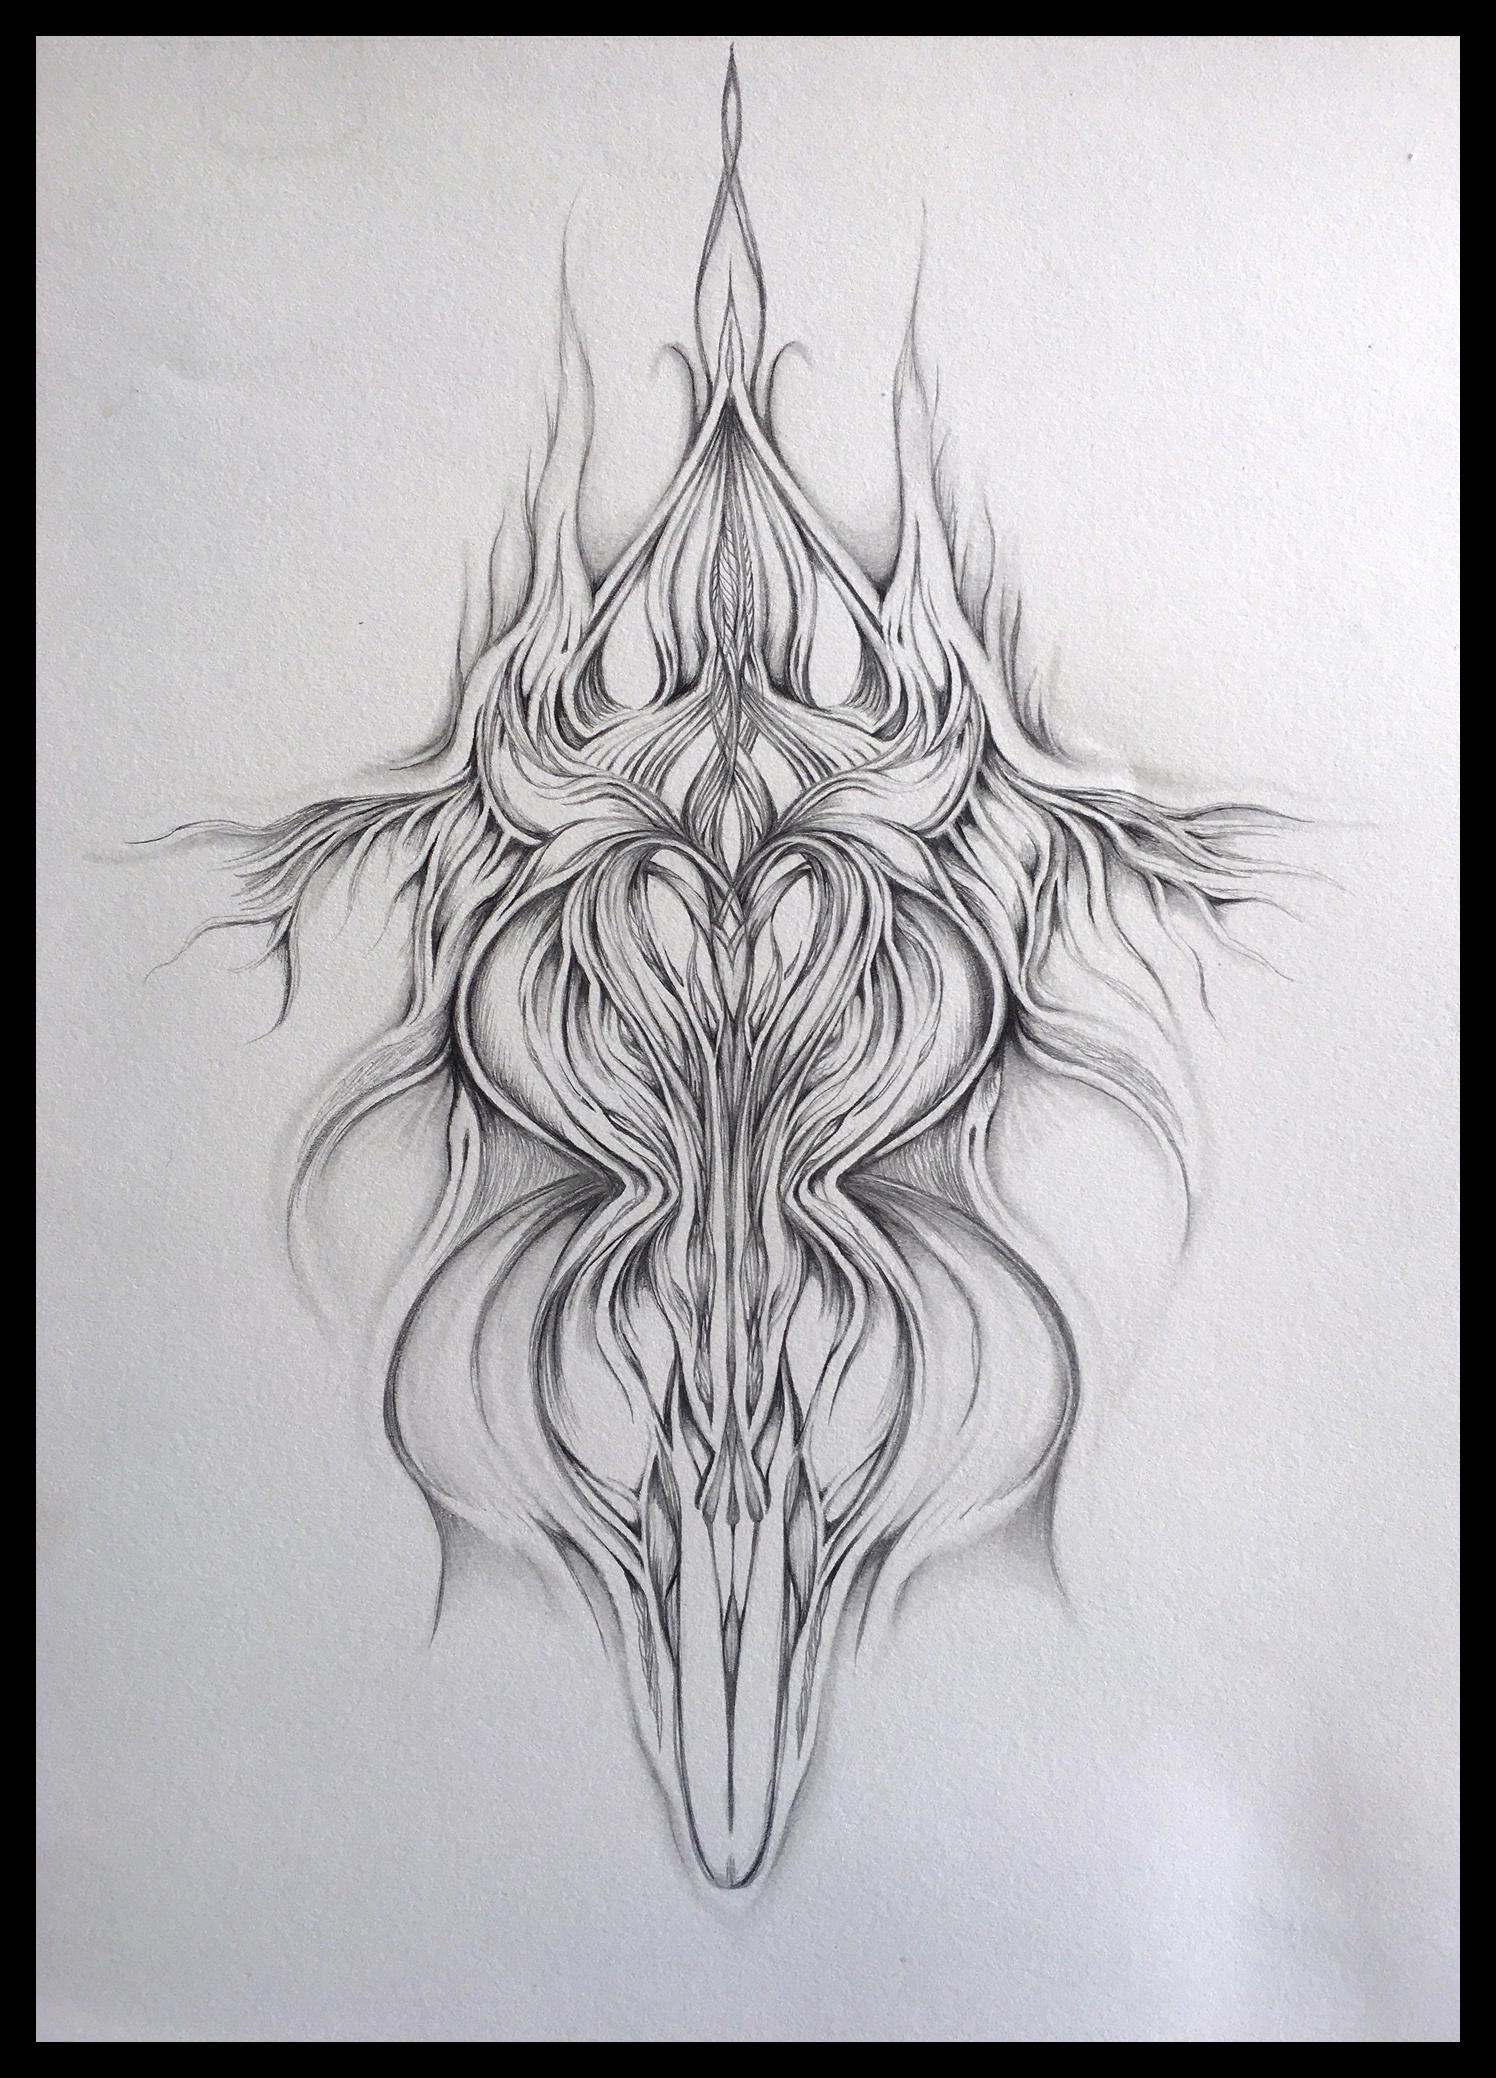 Field Sketch 14